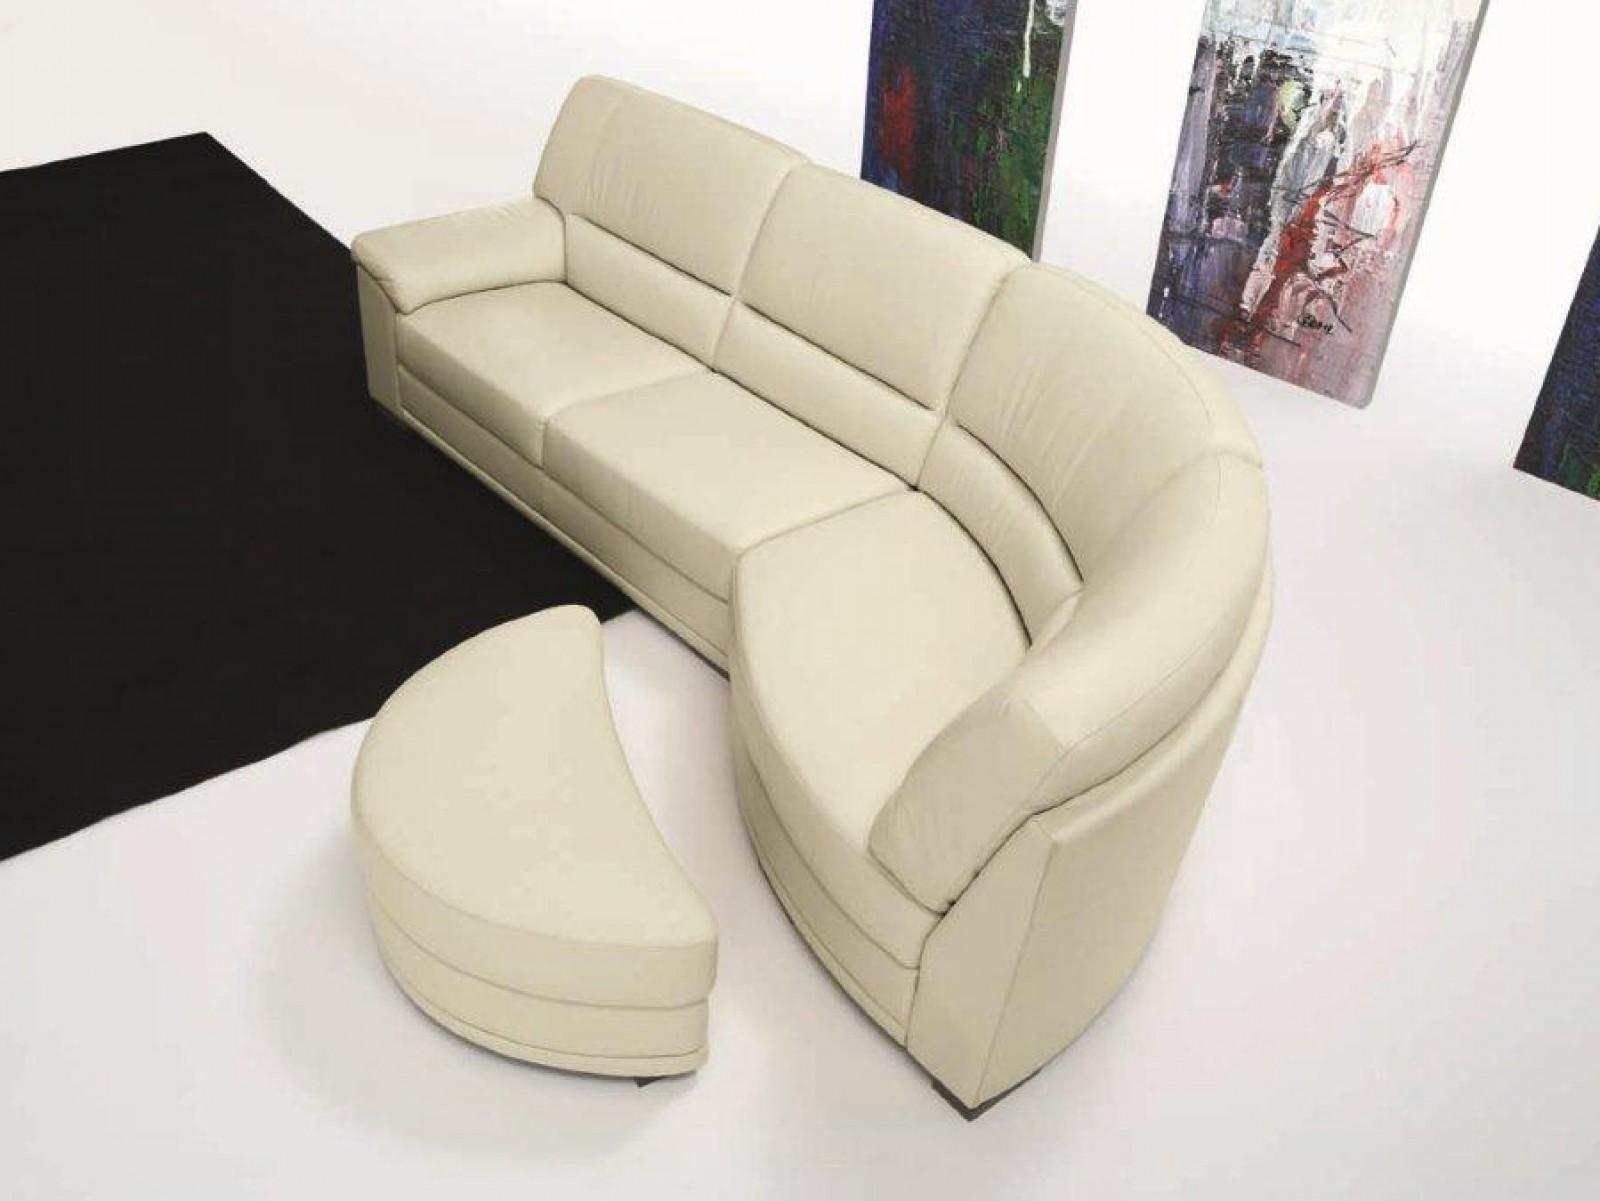 Proposte d 39 arredo divani divano con penisola curva di for Divani d arredo